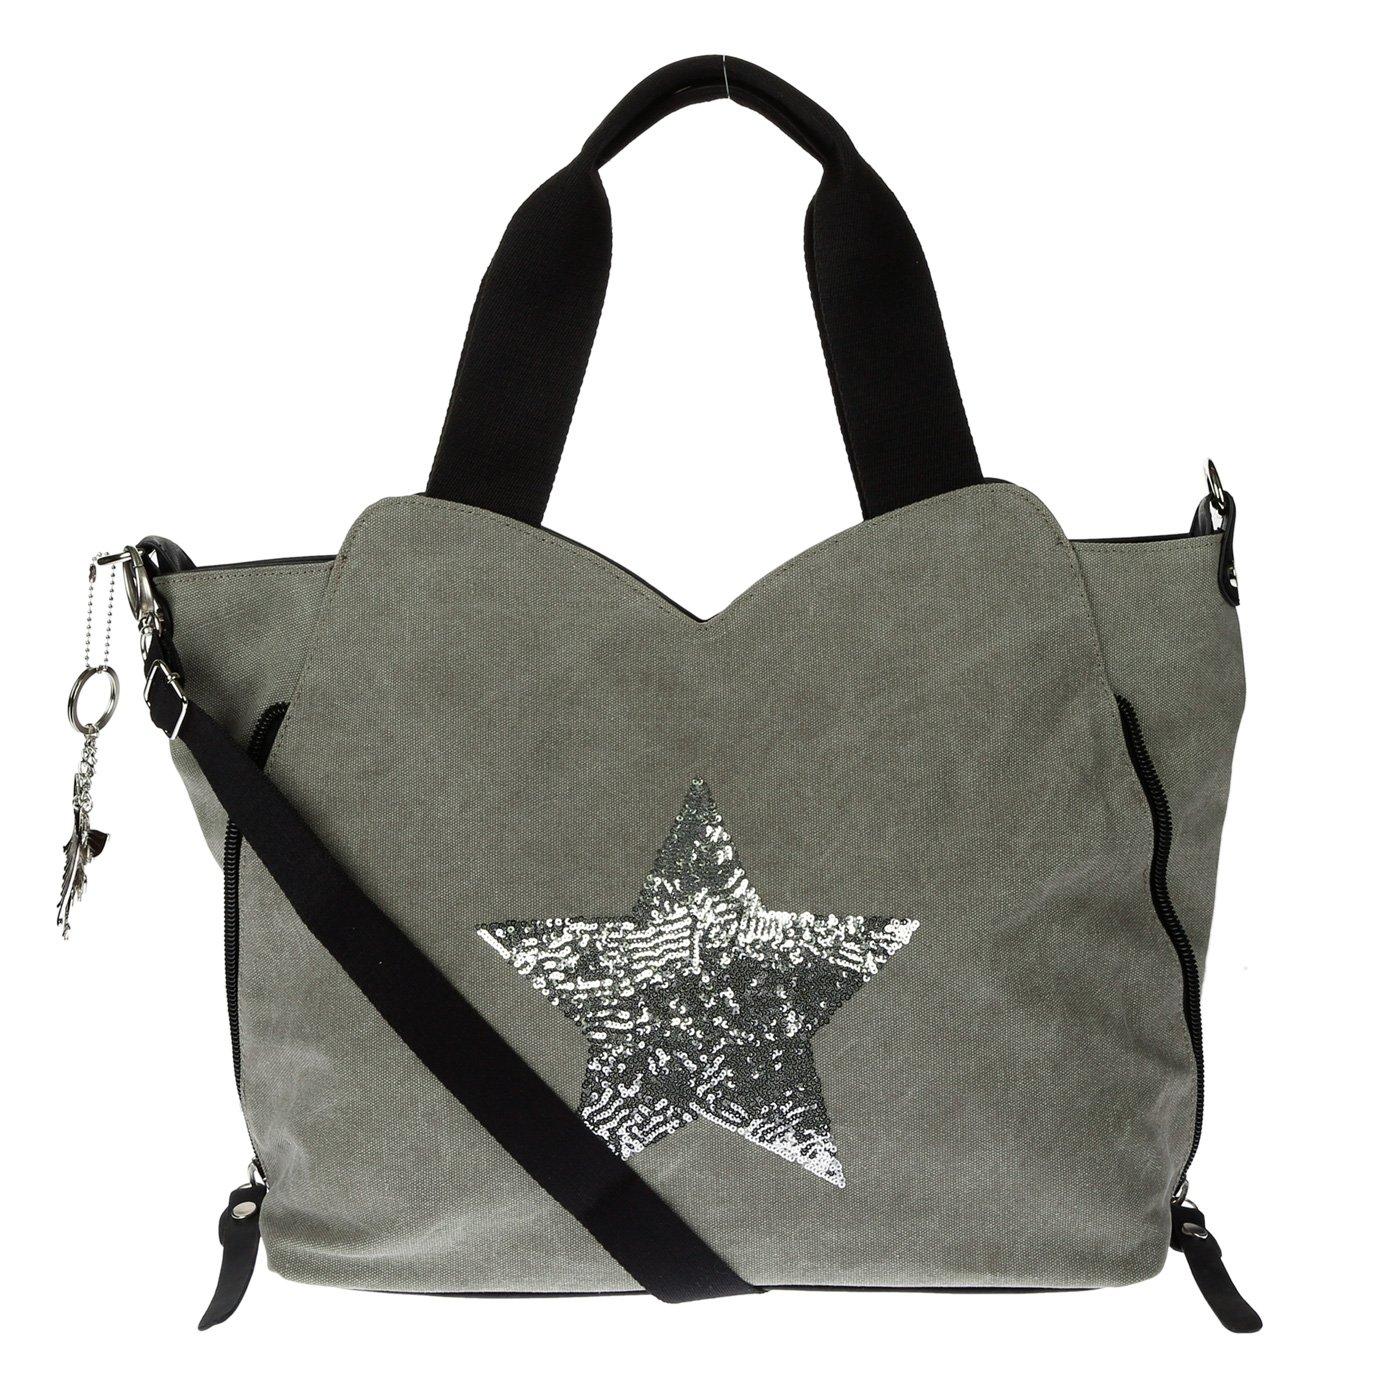 Kossberg F-3151-1 Sac pour femme, sac à bandoulière, sacoche, sac shopper, avec étoile en cuir sac à bandoulière avec étoile en cuir - Beige - Modell 2 Beige